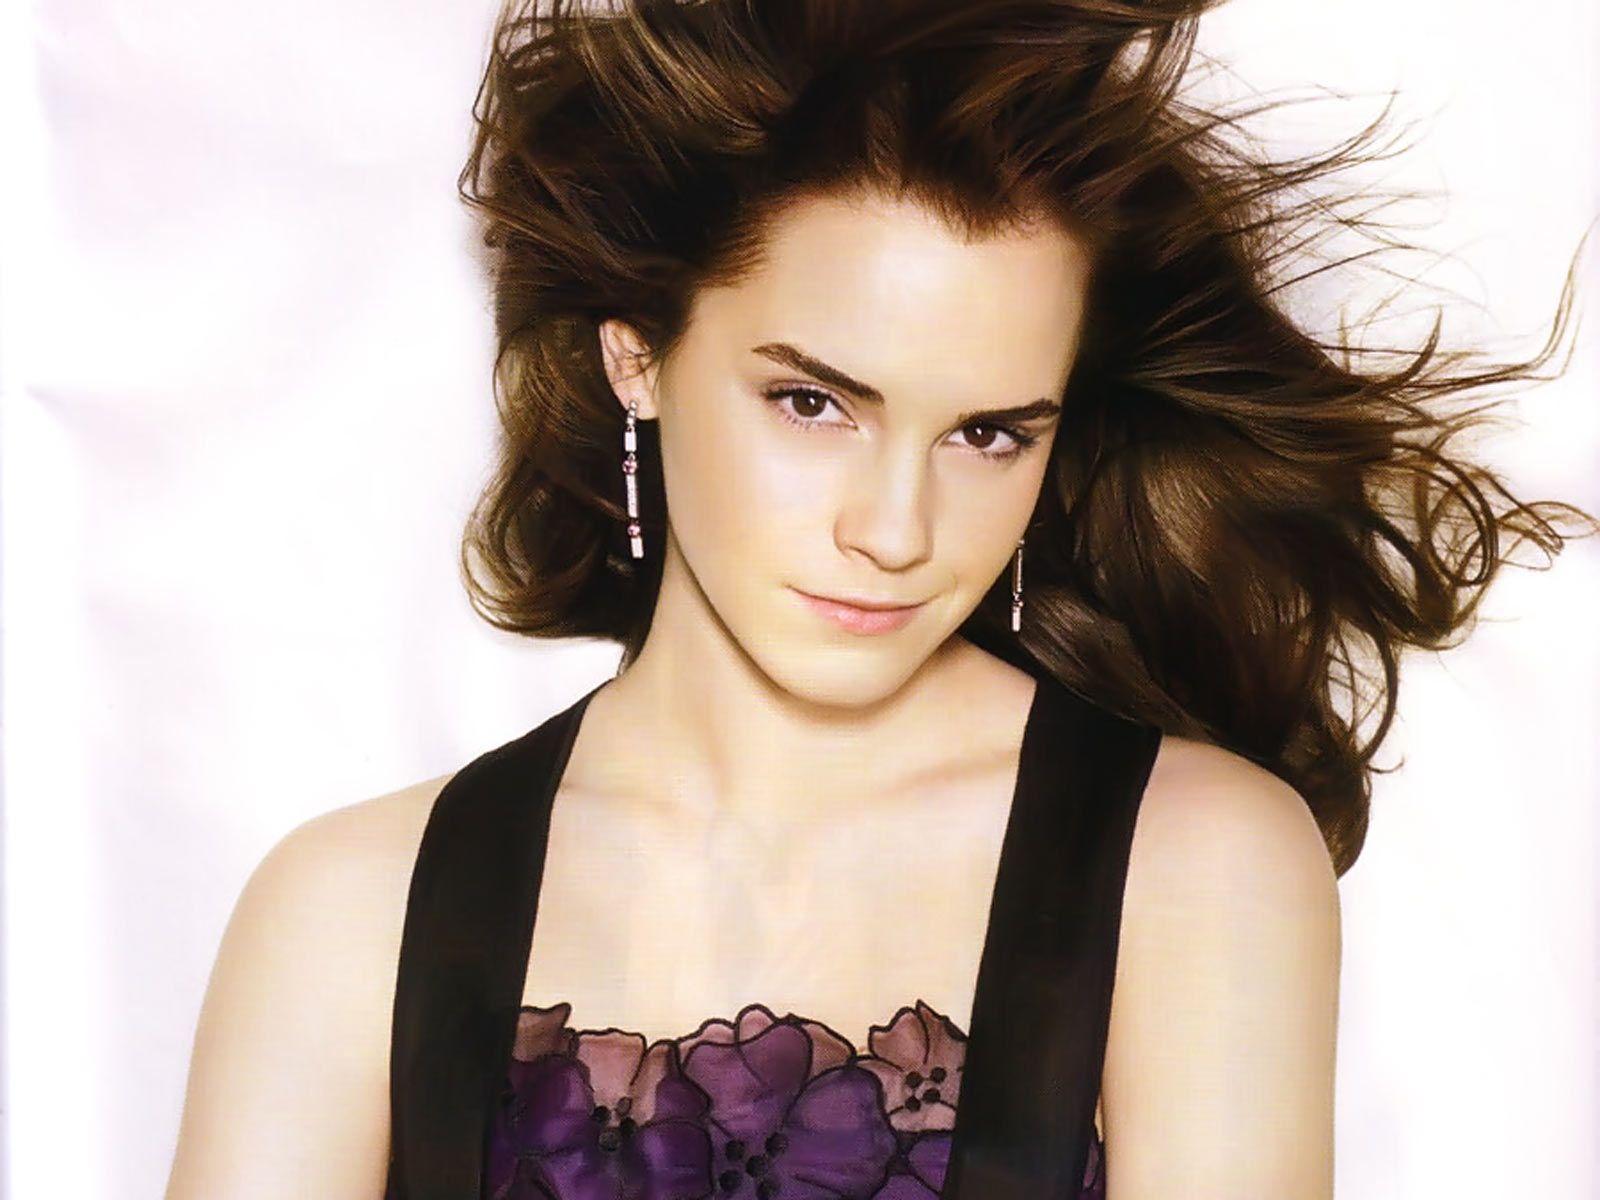 emma watson - Emma Watson Wallpaper (25072809) - Fanpop